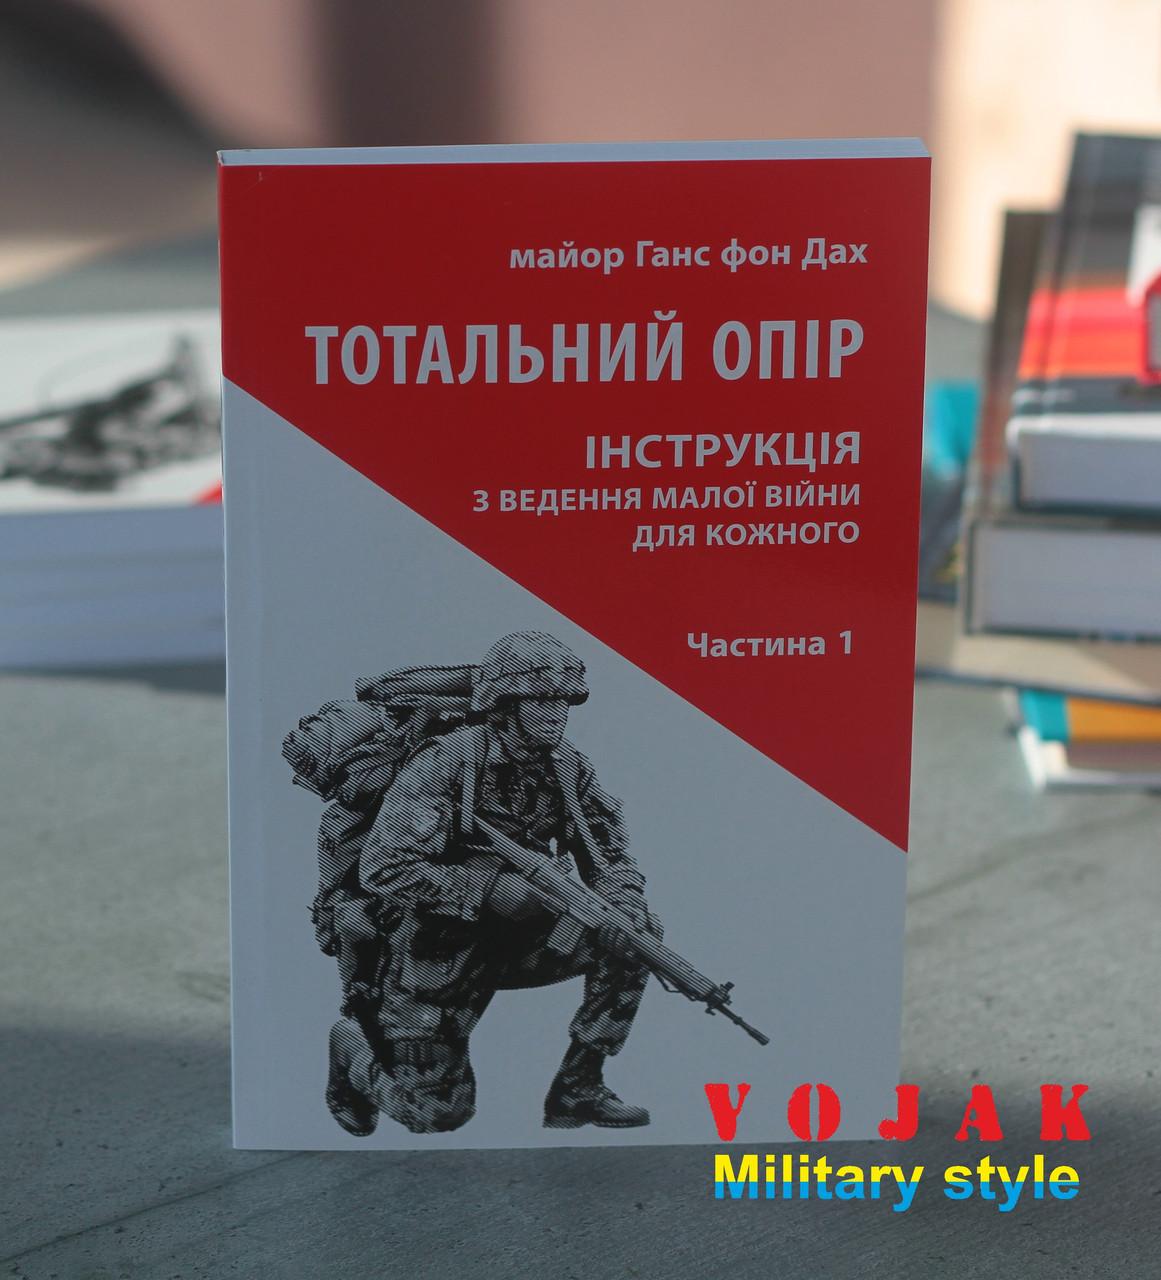 Тотальний опір: Інструкція з ведення малої війни для кожного. Частина 1 Ганс фон Дах